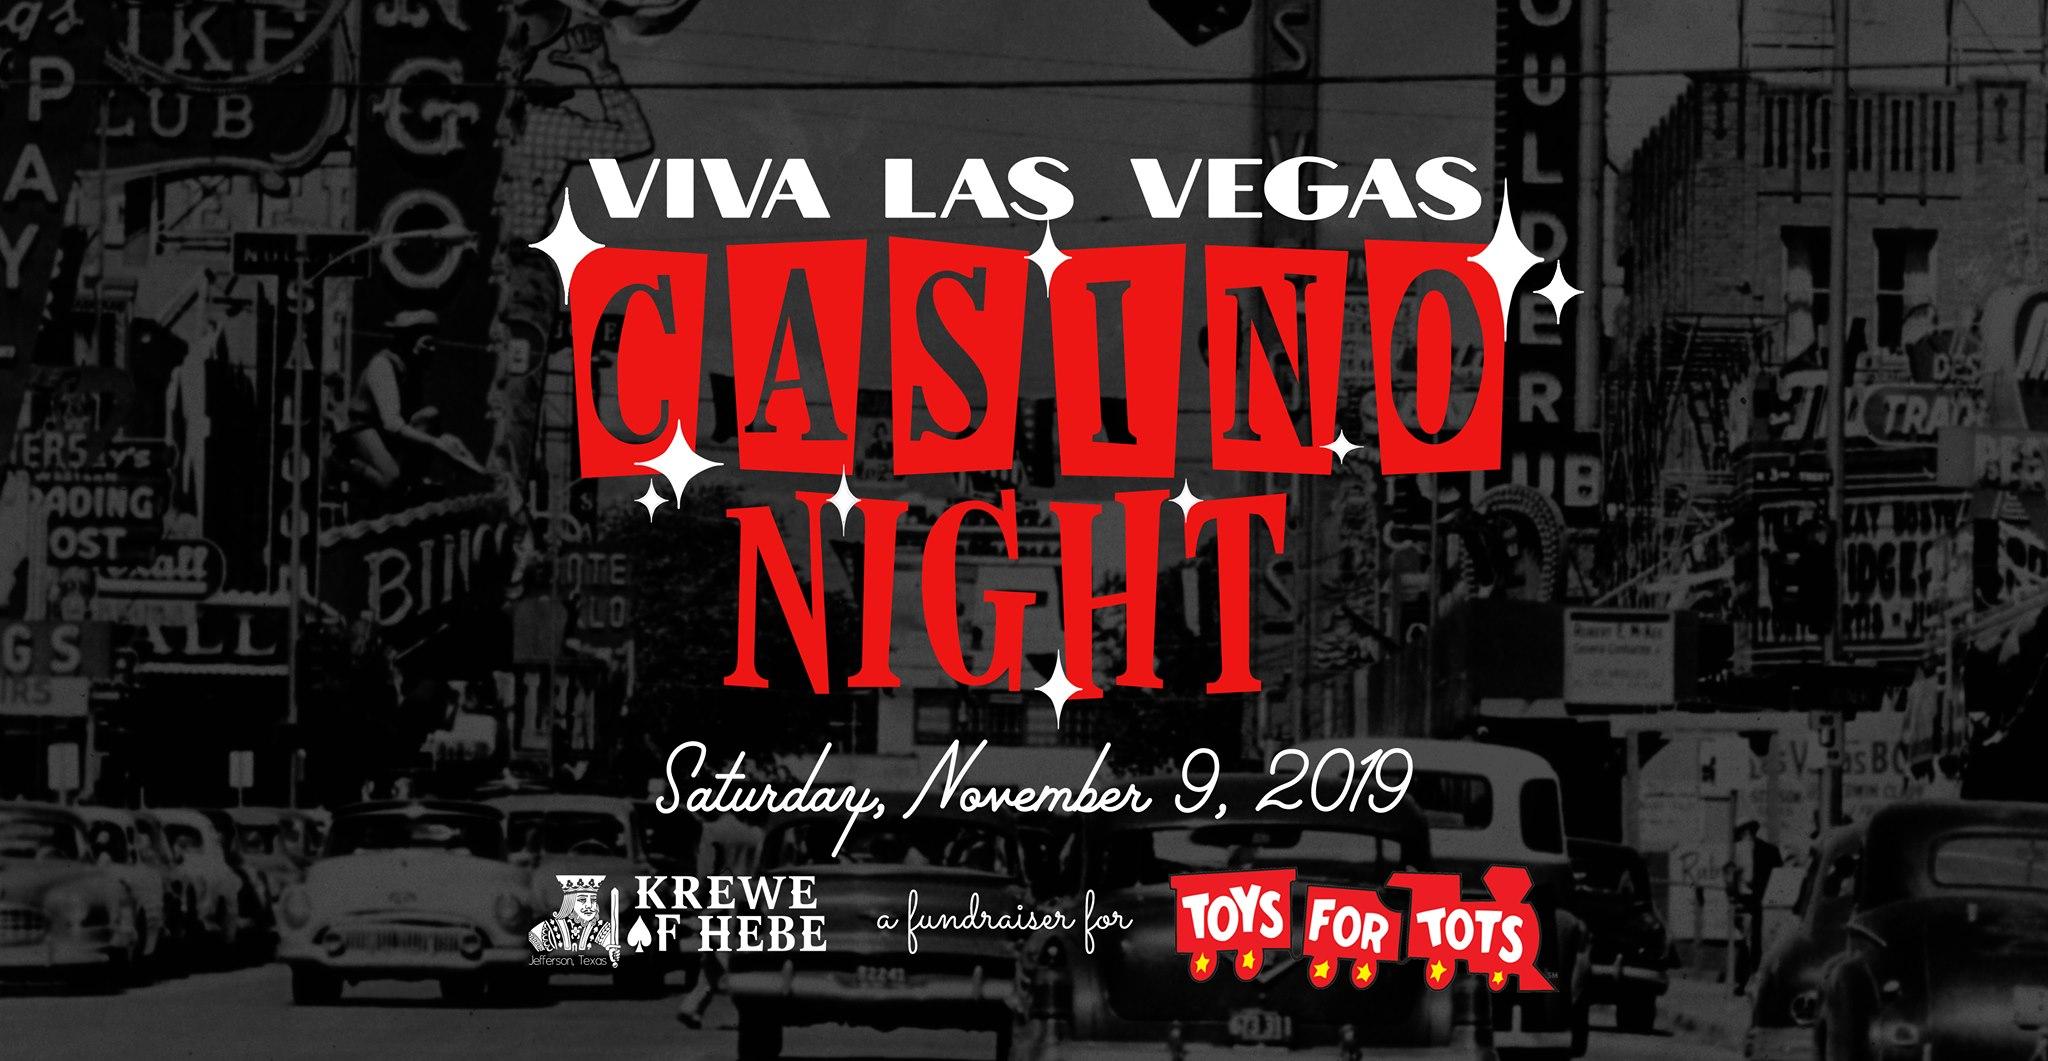 Casino Night/ Krewe of Hebe